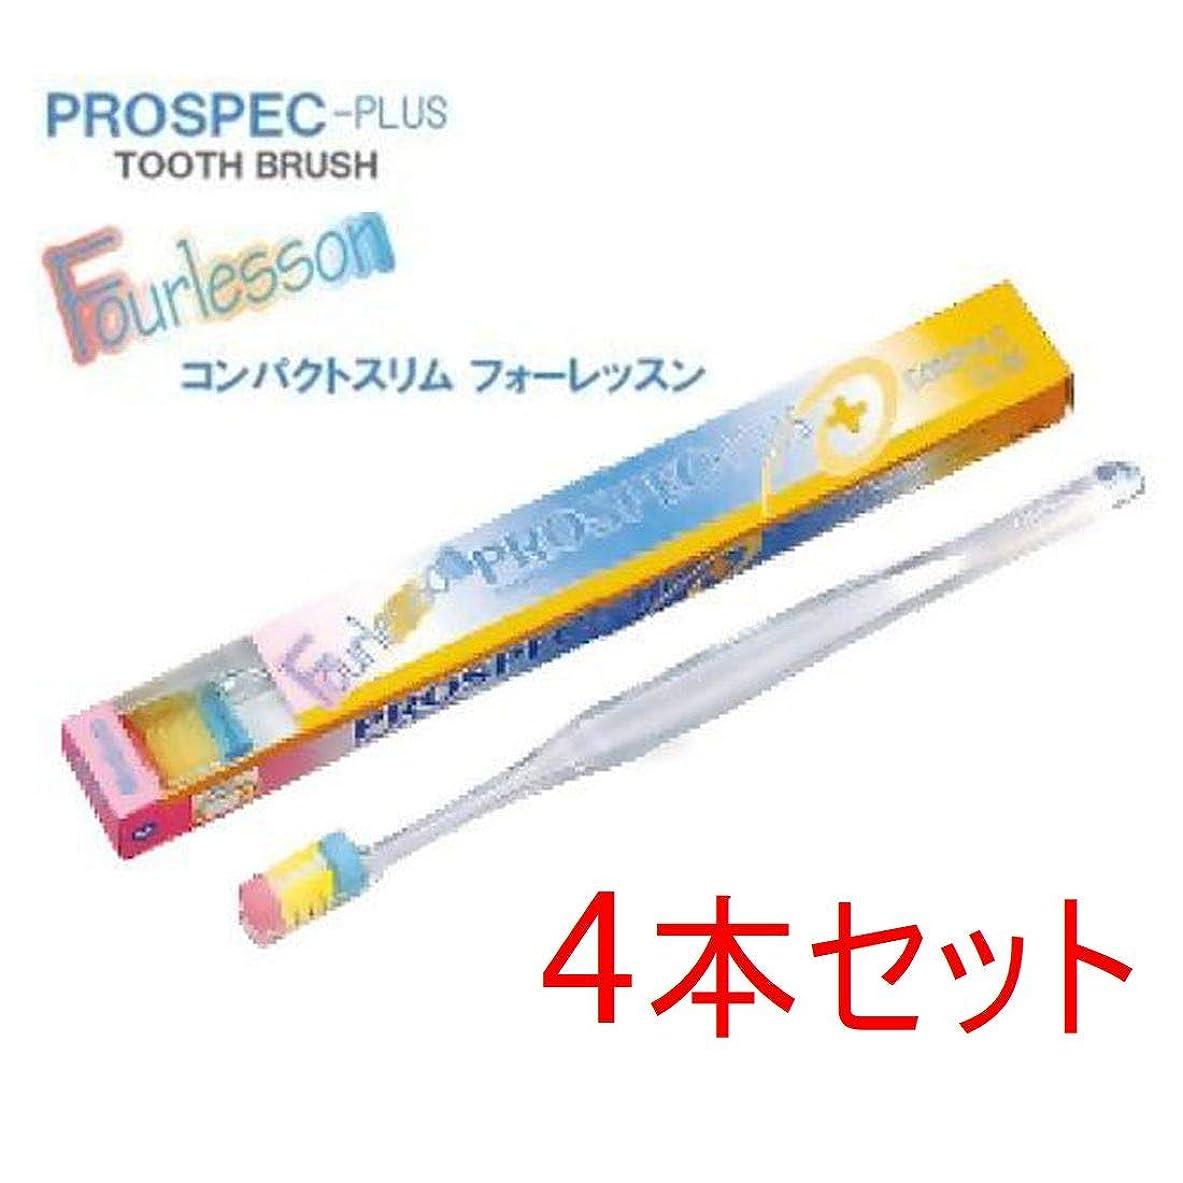 エントリ習字格納プロスペック 歯ブラシ コンパクトスリム 4本 フォーレッスン 毛の硬さ ふつう